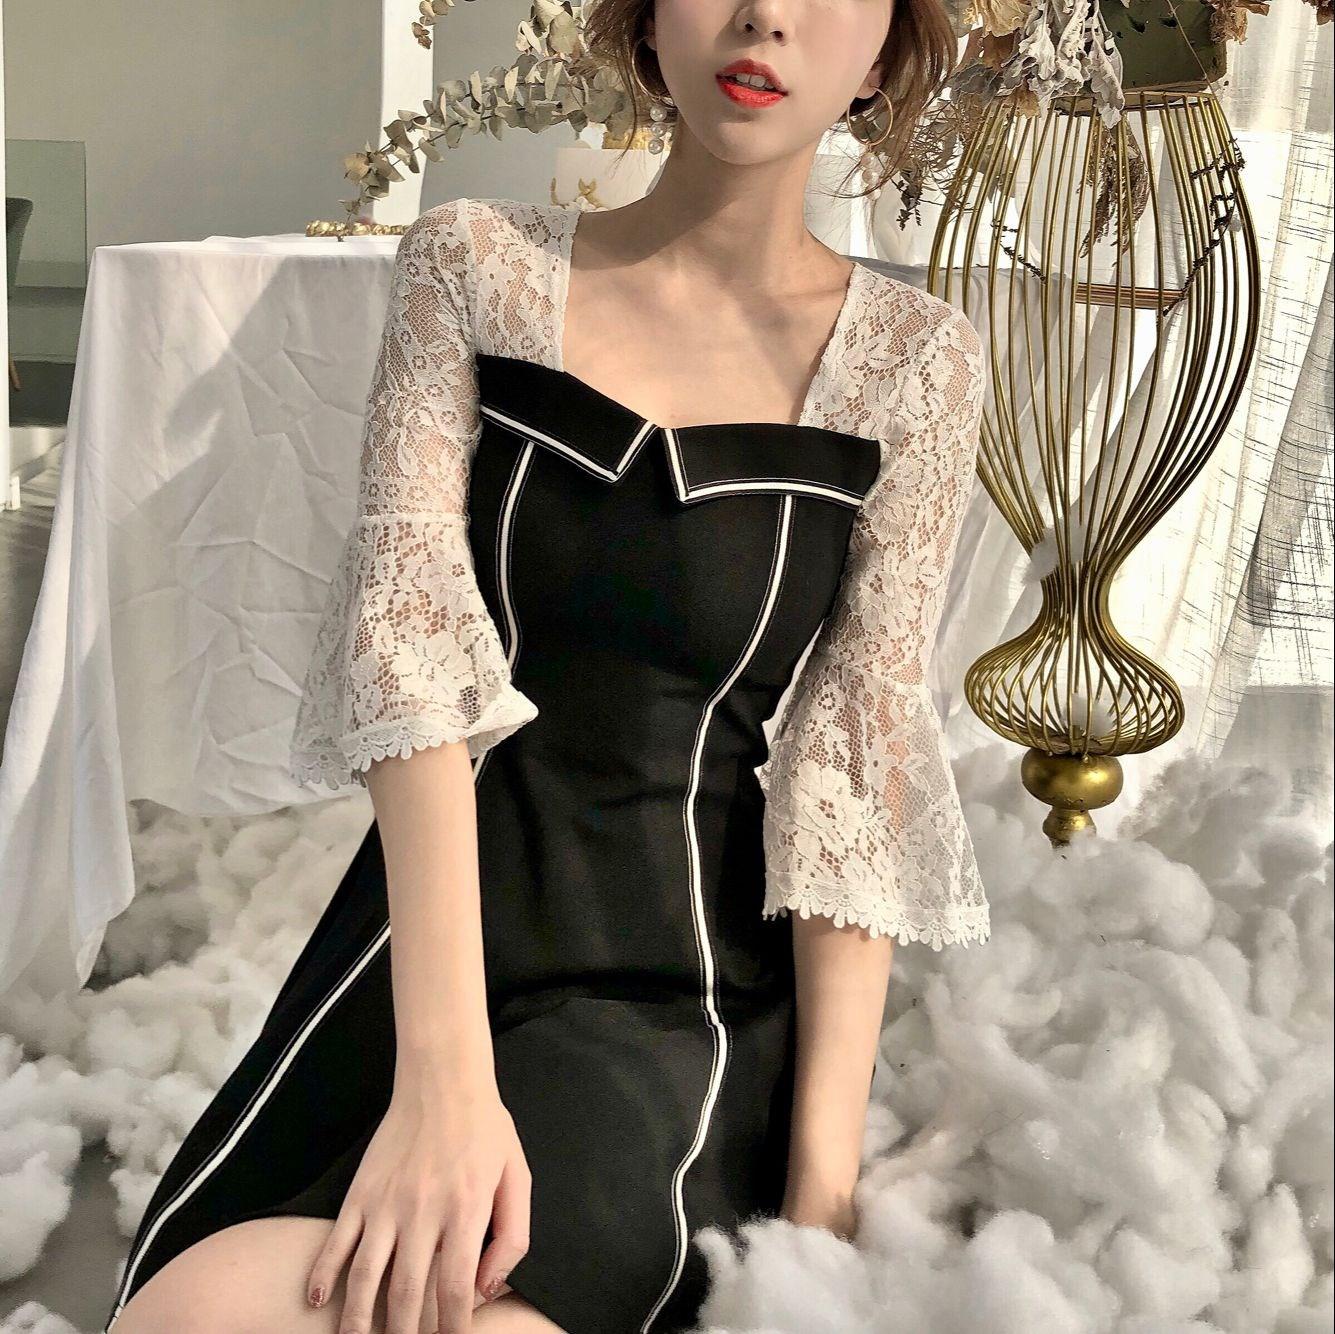 御姐范女装2018新款小个子连衣裙心机裙子设计感高腰假两件短裙潮